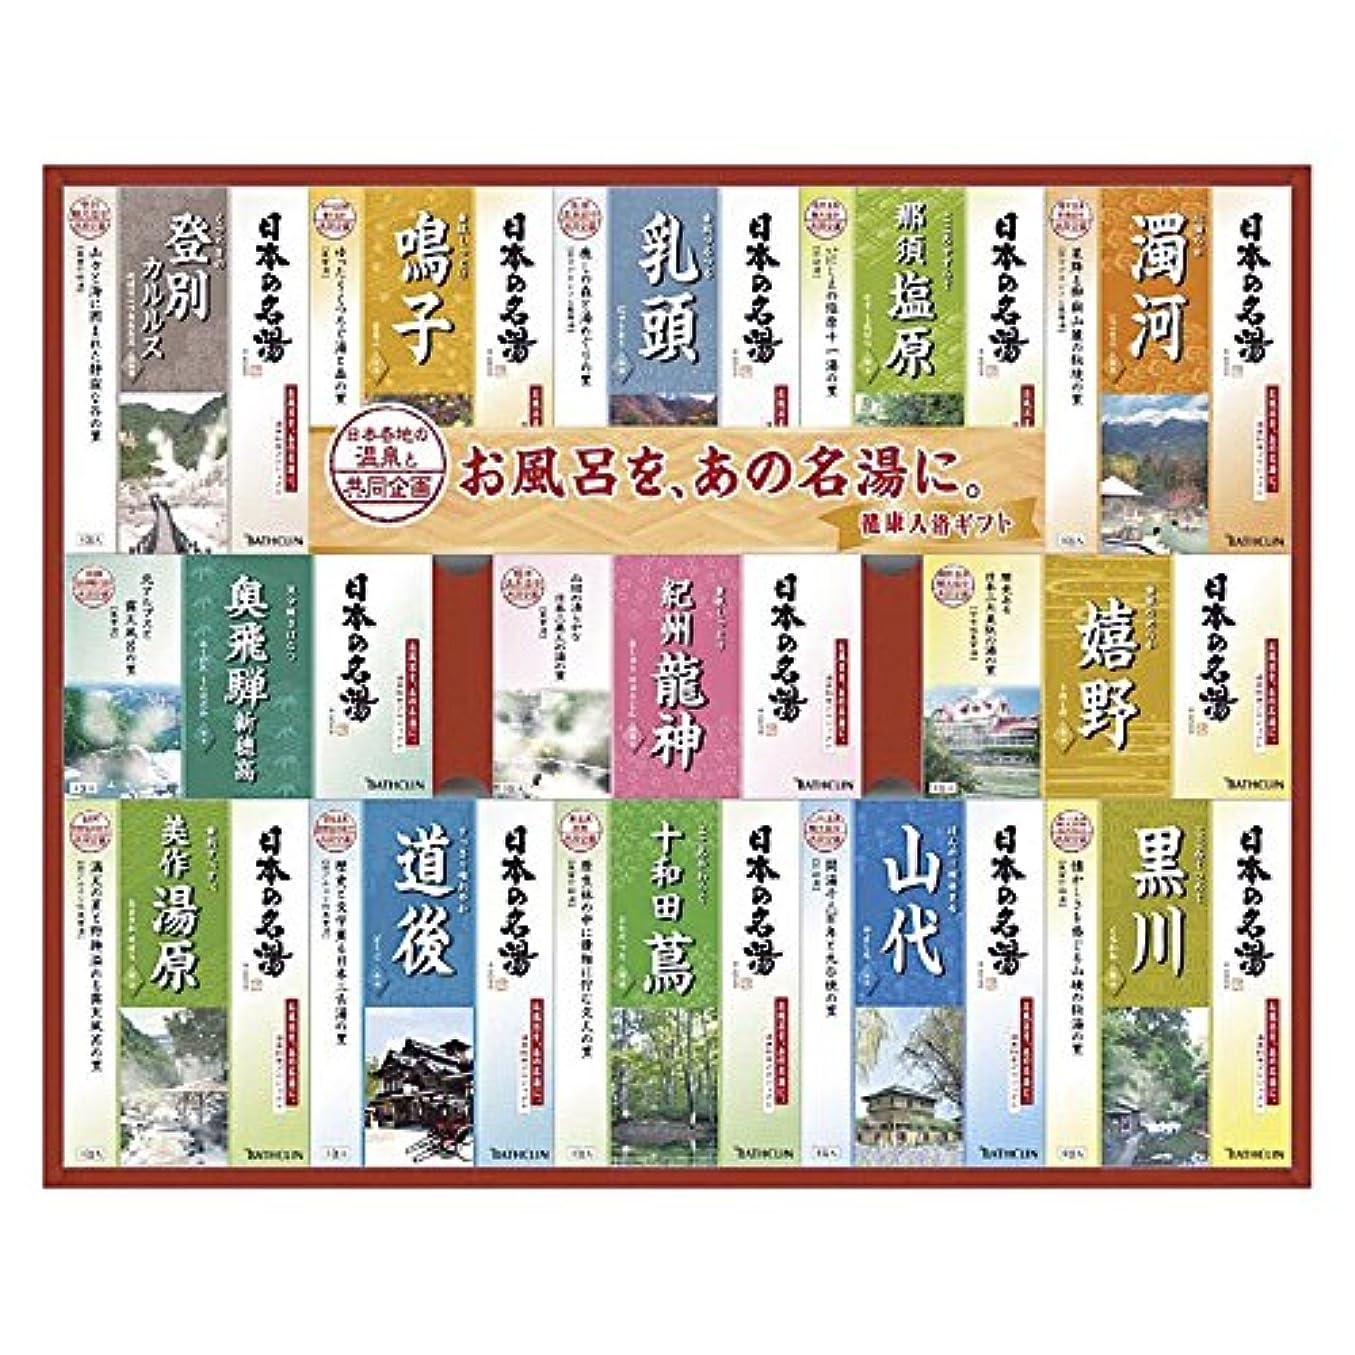 乱雑なばか結論バスクリン 日本の名湯 ギフトセット NMG-50F 【個包装 セット 詰め合わせ 疲労回復 ご褒美 贅沢 プチギフト 温まる 温泉 粉 ご当地 まとめ買い 名湯 リラックス 美肌 つめあわせ やさしい やすらぎ】